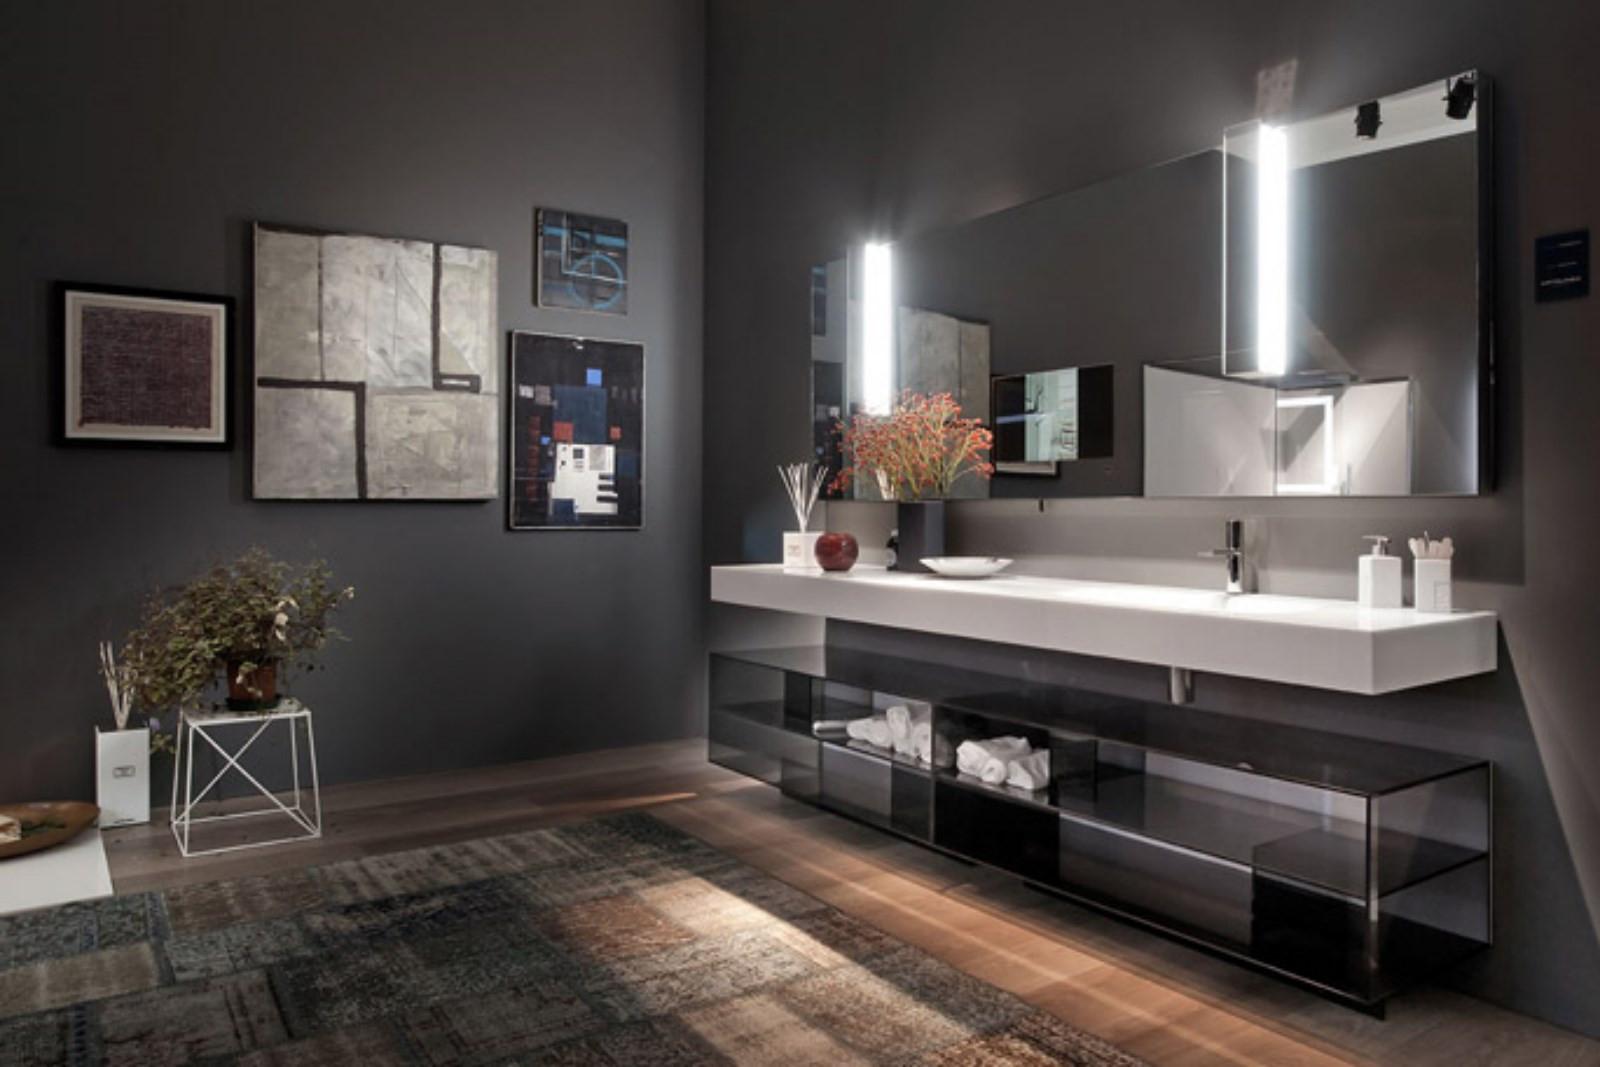 Meubles Salle De Bain Design Italien